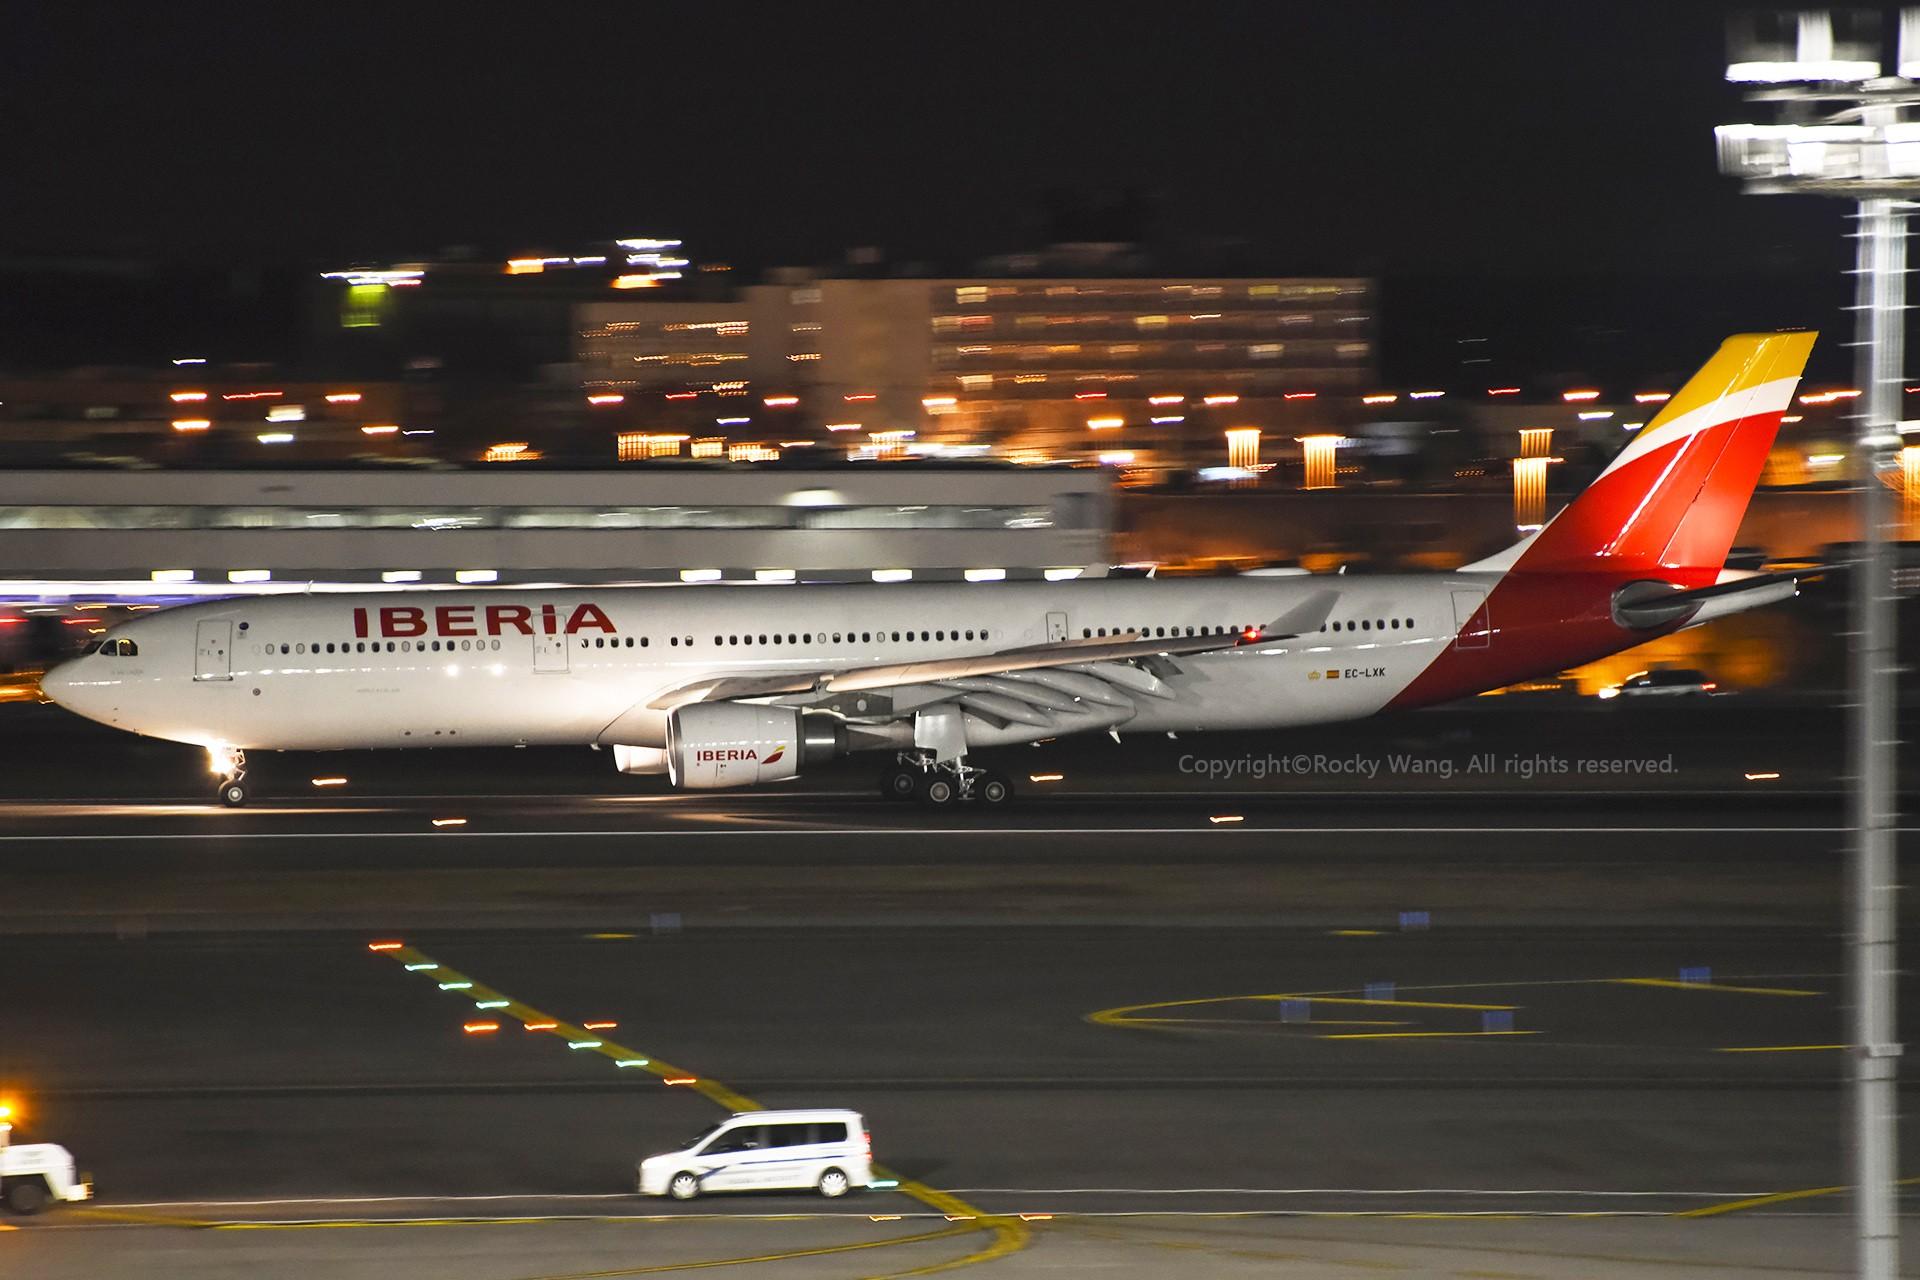 [原创]A330s Around the World AIRBUS A330-302 EC-LXK 美国纽约约翰·菲茨杰拉德·肯尼迪国际机场